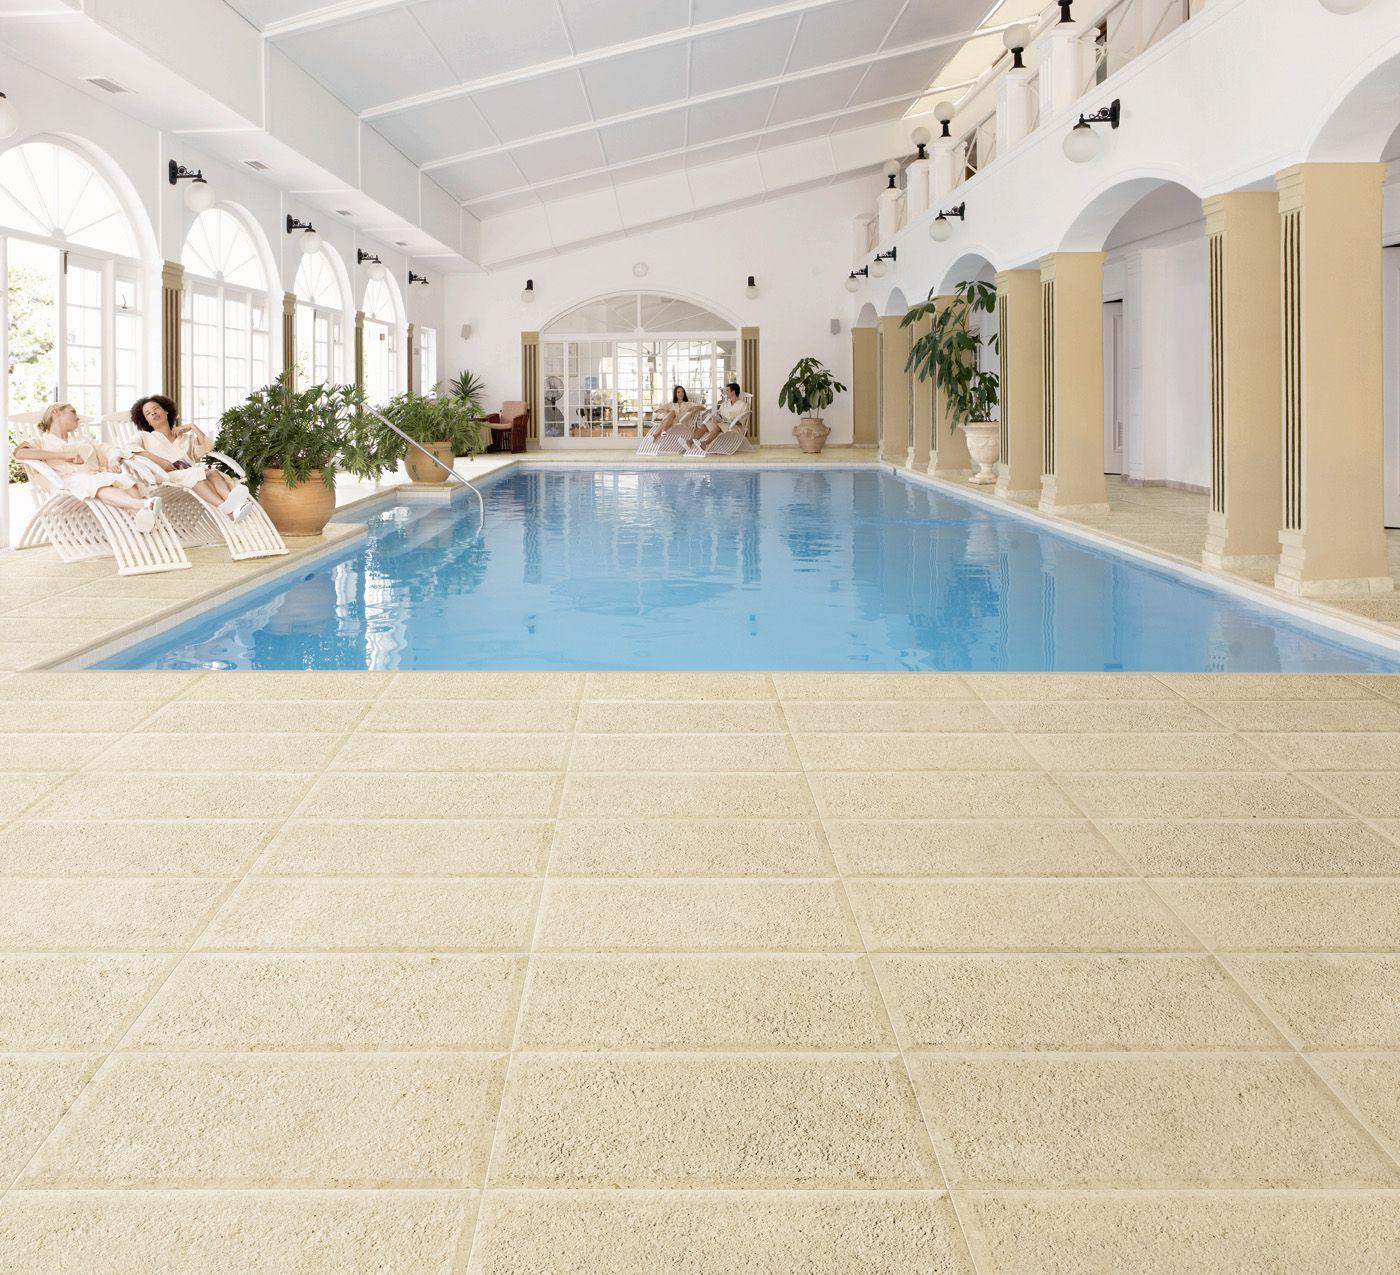 Decorative Tiles Uk Awesome No 616 300X600 Nonslip Floor Tile Range Find Us At Www Design Inspiration